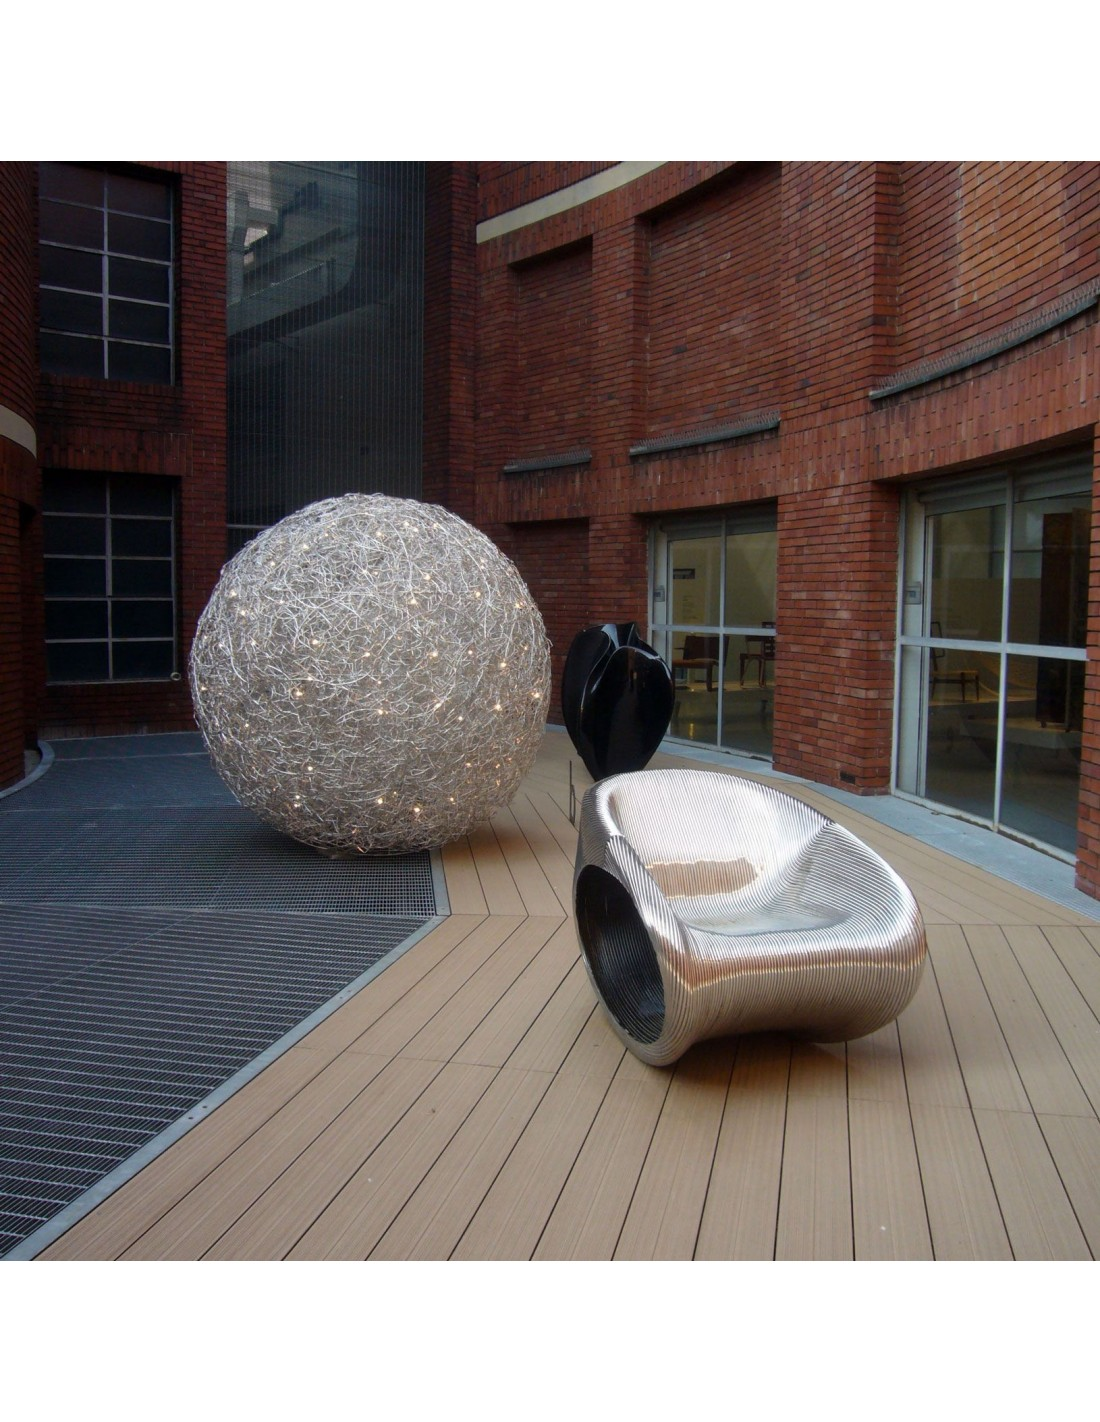 lampe ext rieur fil de fer catellani smith 100cm sur une terrasse. Black Bedroom Furniture Sets. Home Design Ideas